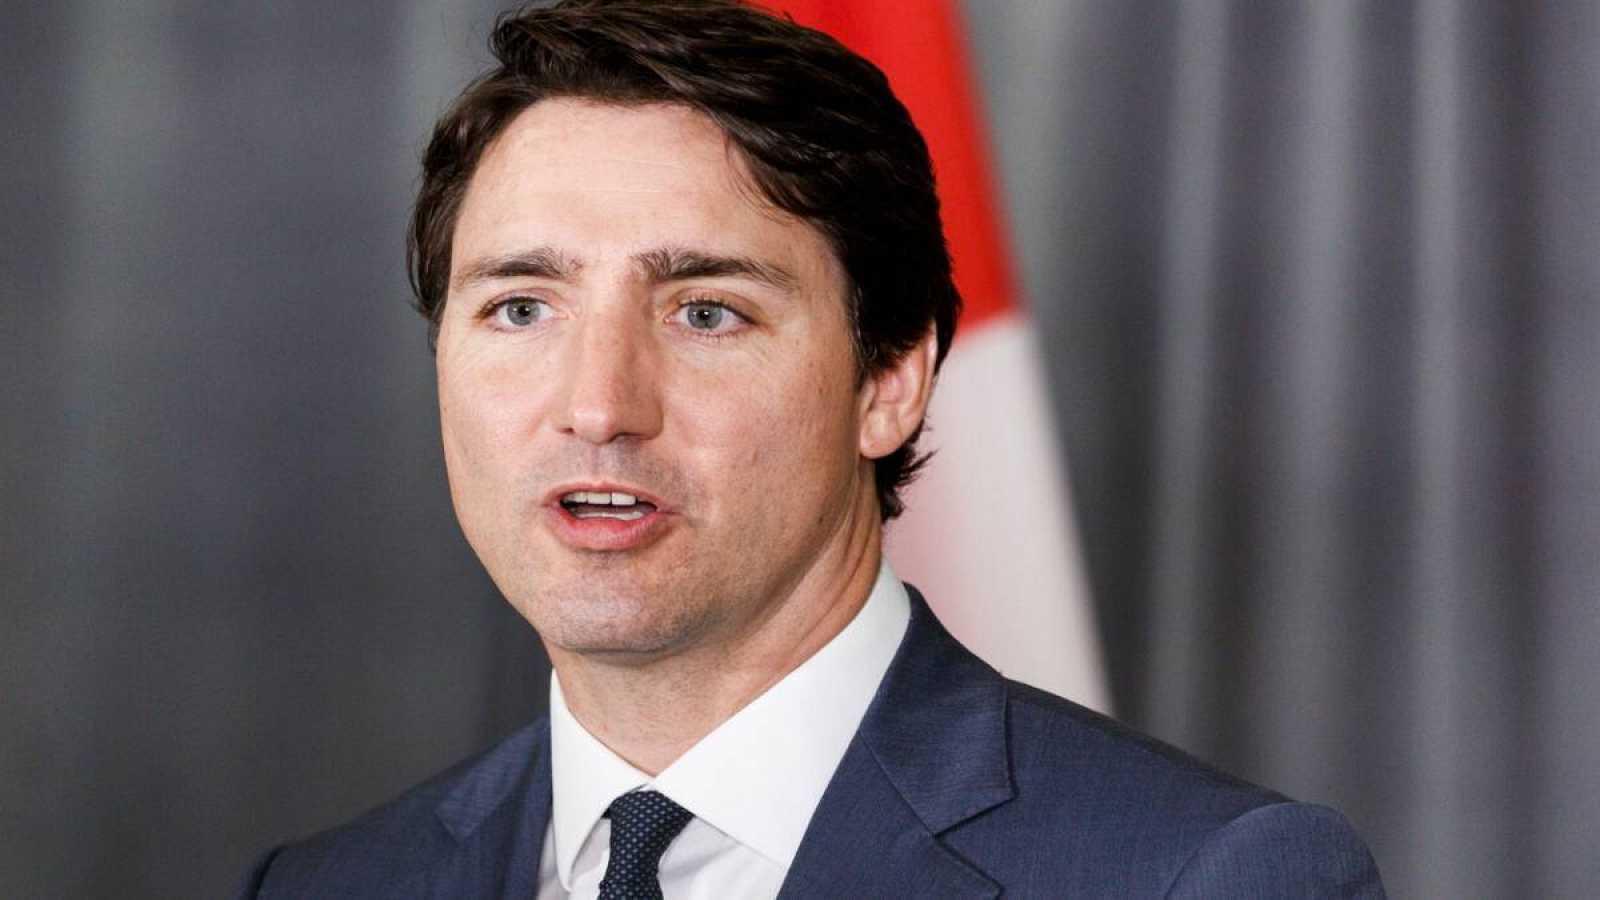 Fotografía de archivo fechada el 17 de mayo de 2018 donde aparece el primer ministro de Canadá, Justin Trudeau, durante una conferencia de prensa en Nueva York (Estados Unidos).